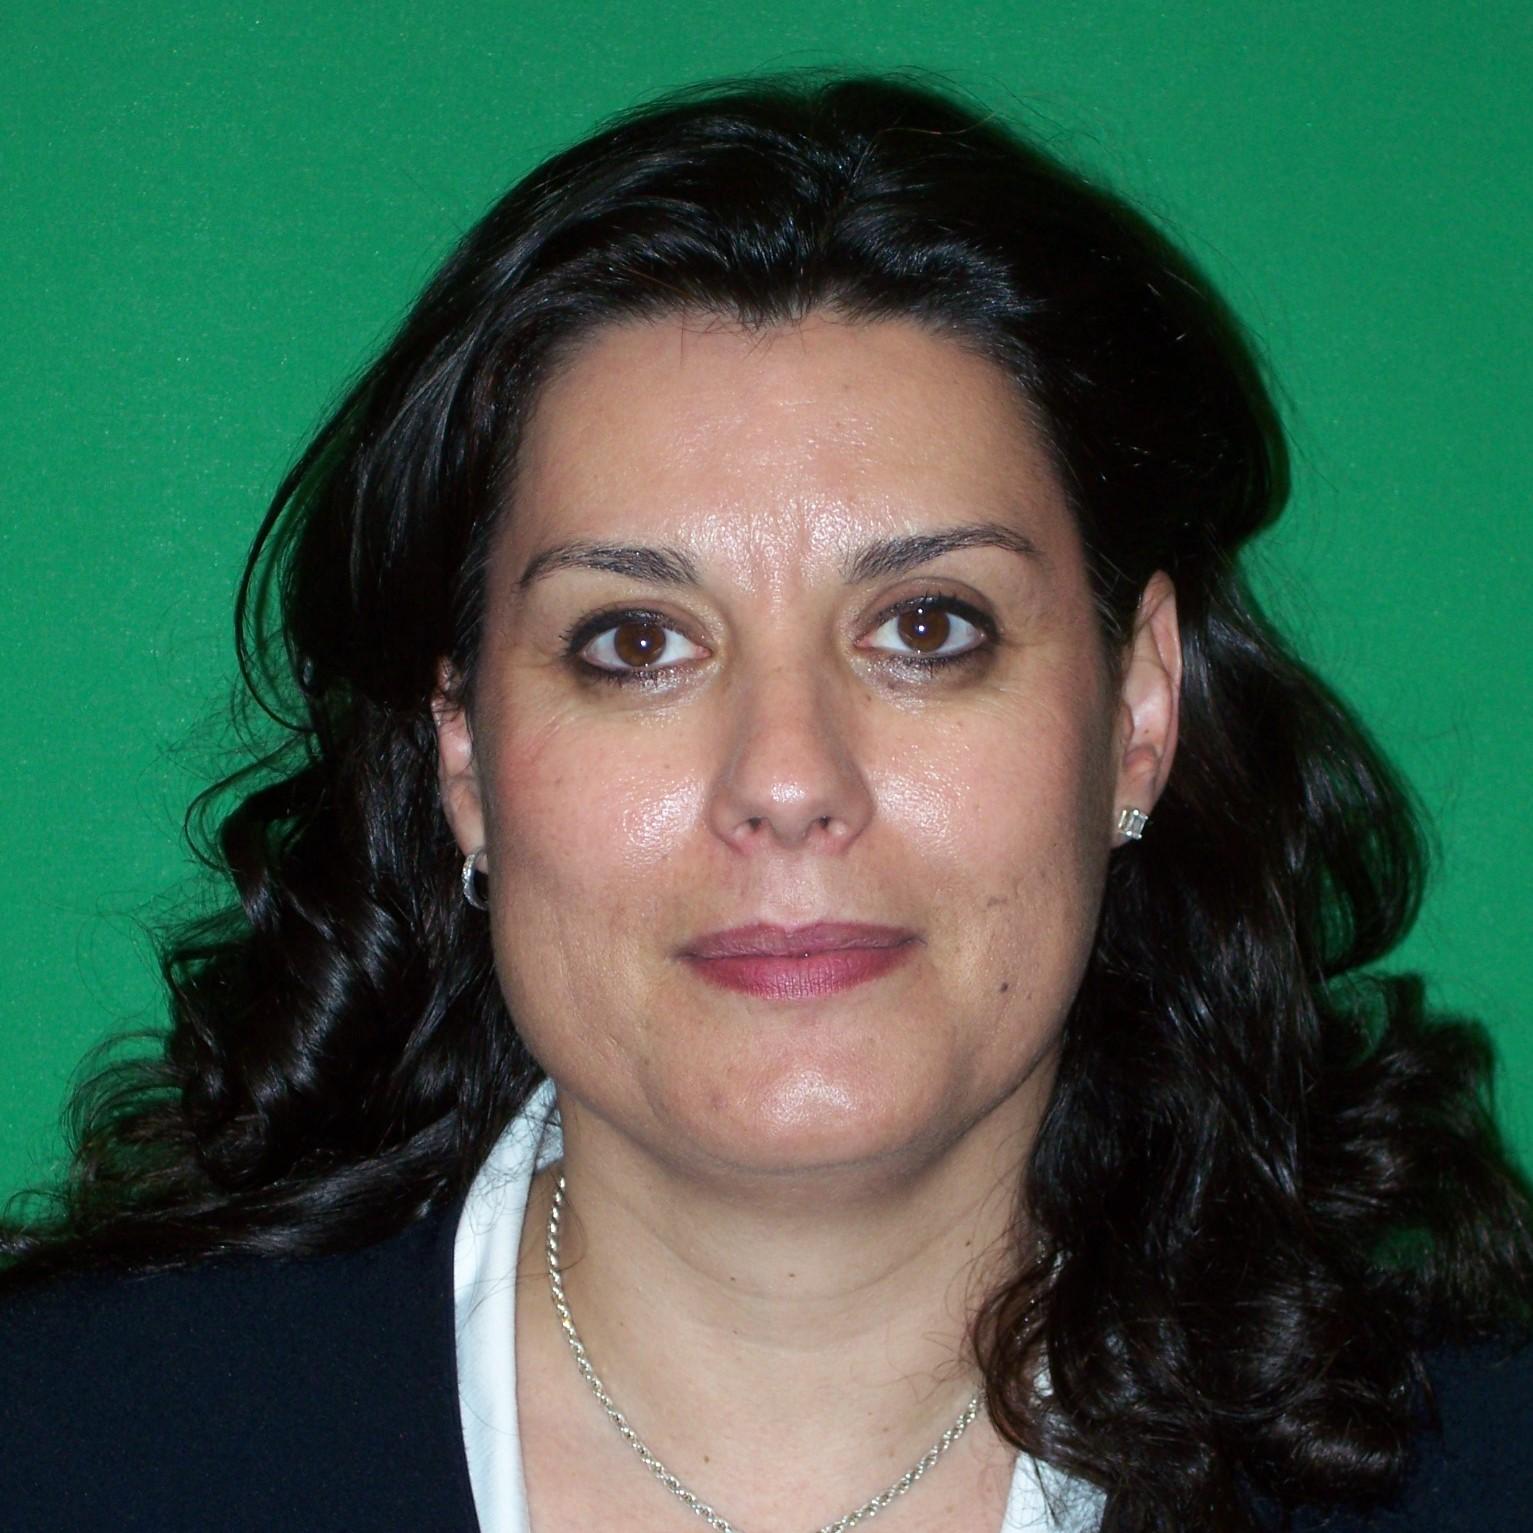 Sofia Biti